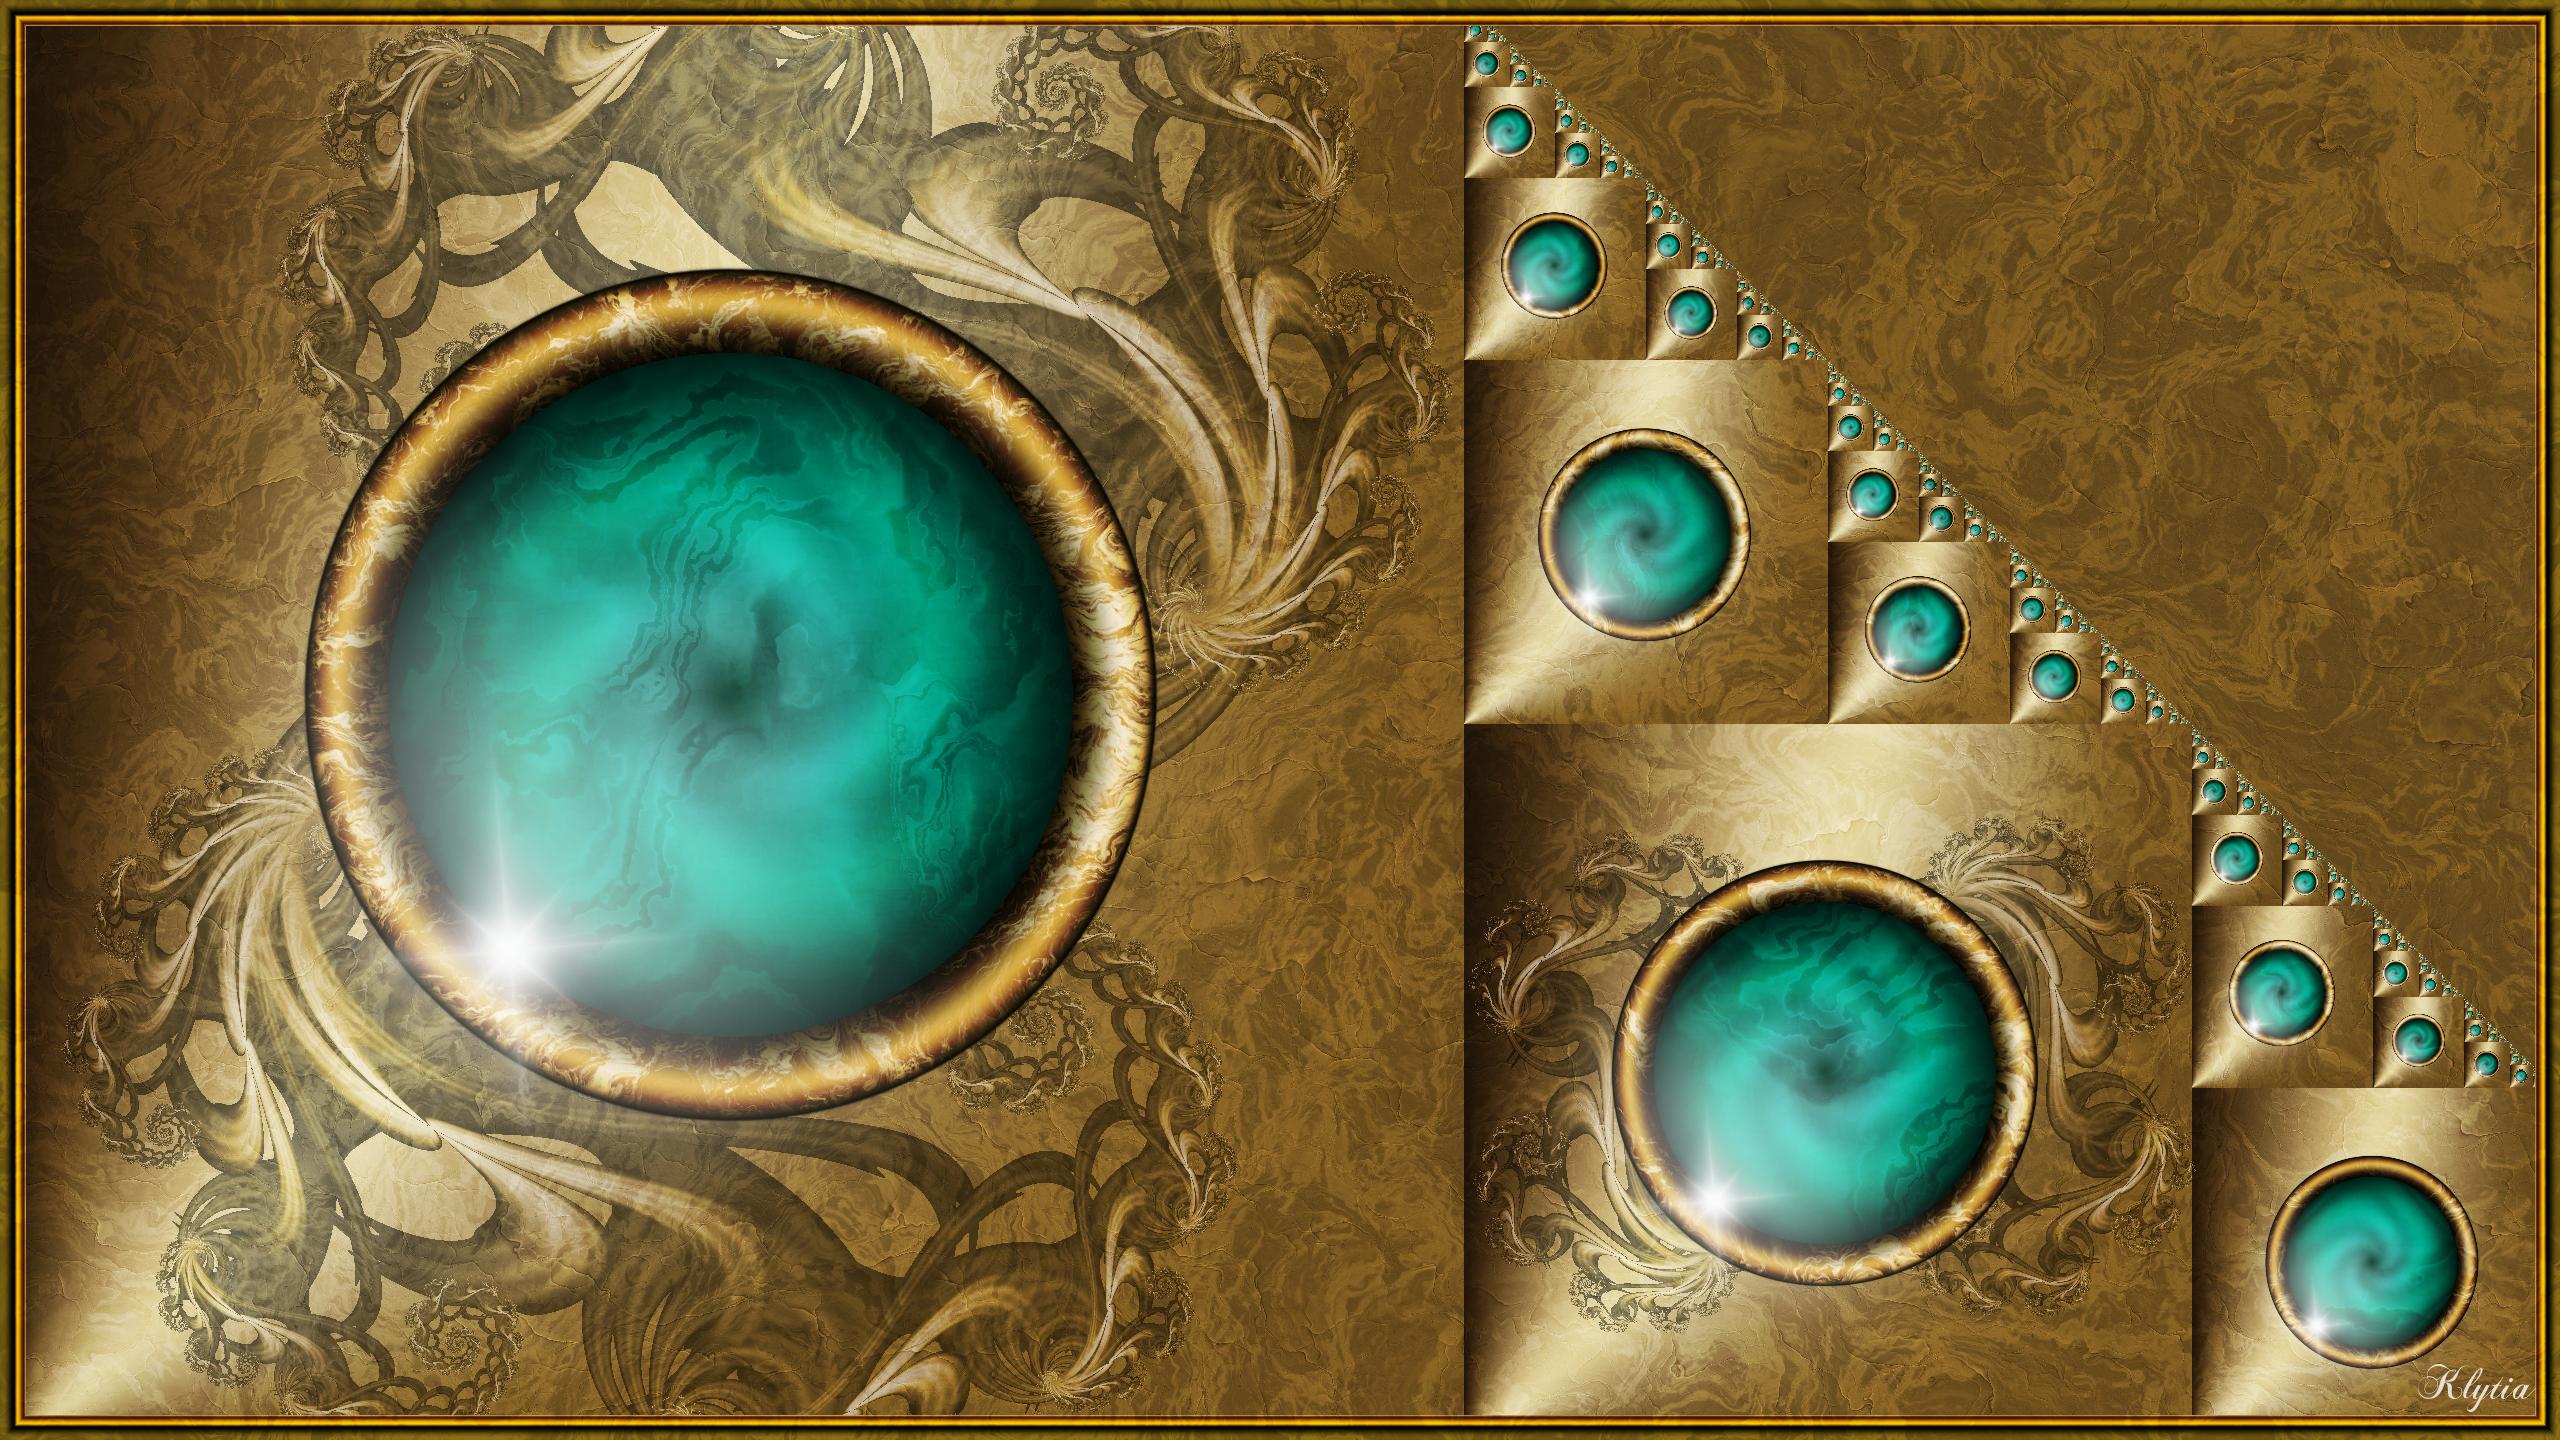 The goldsmith gem fest by Klytia70